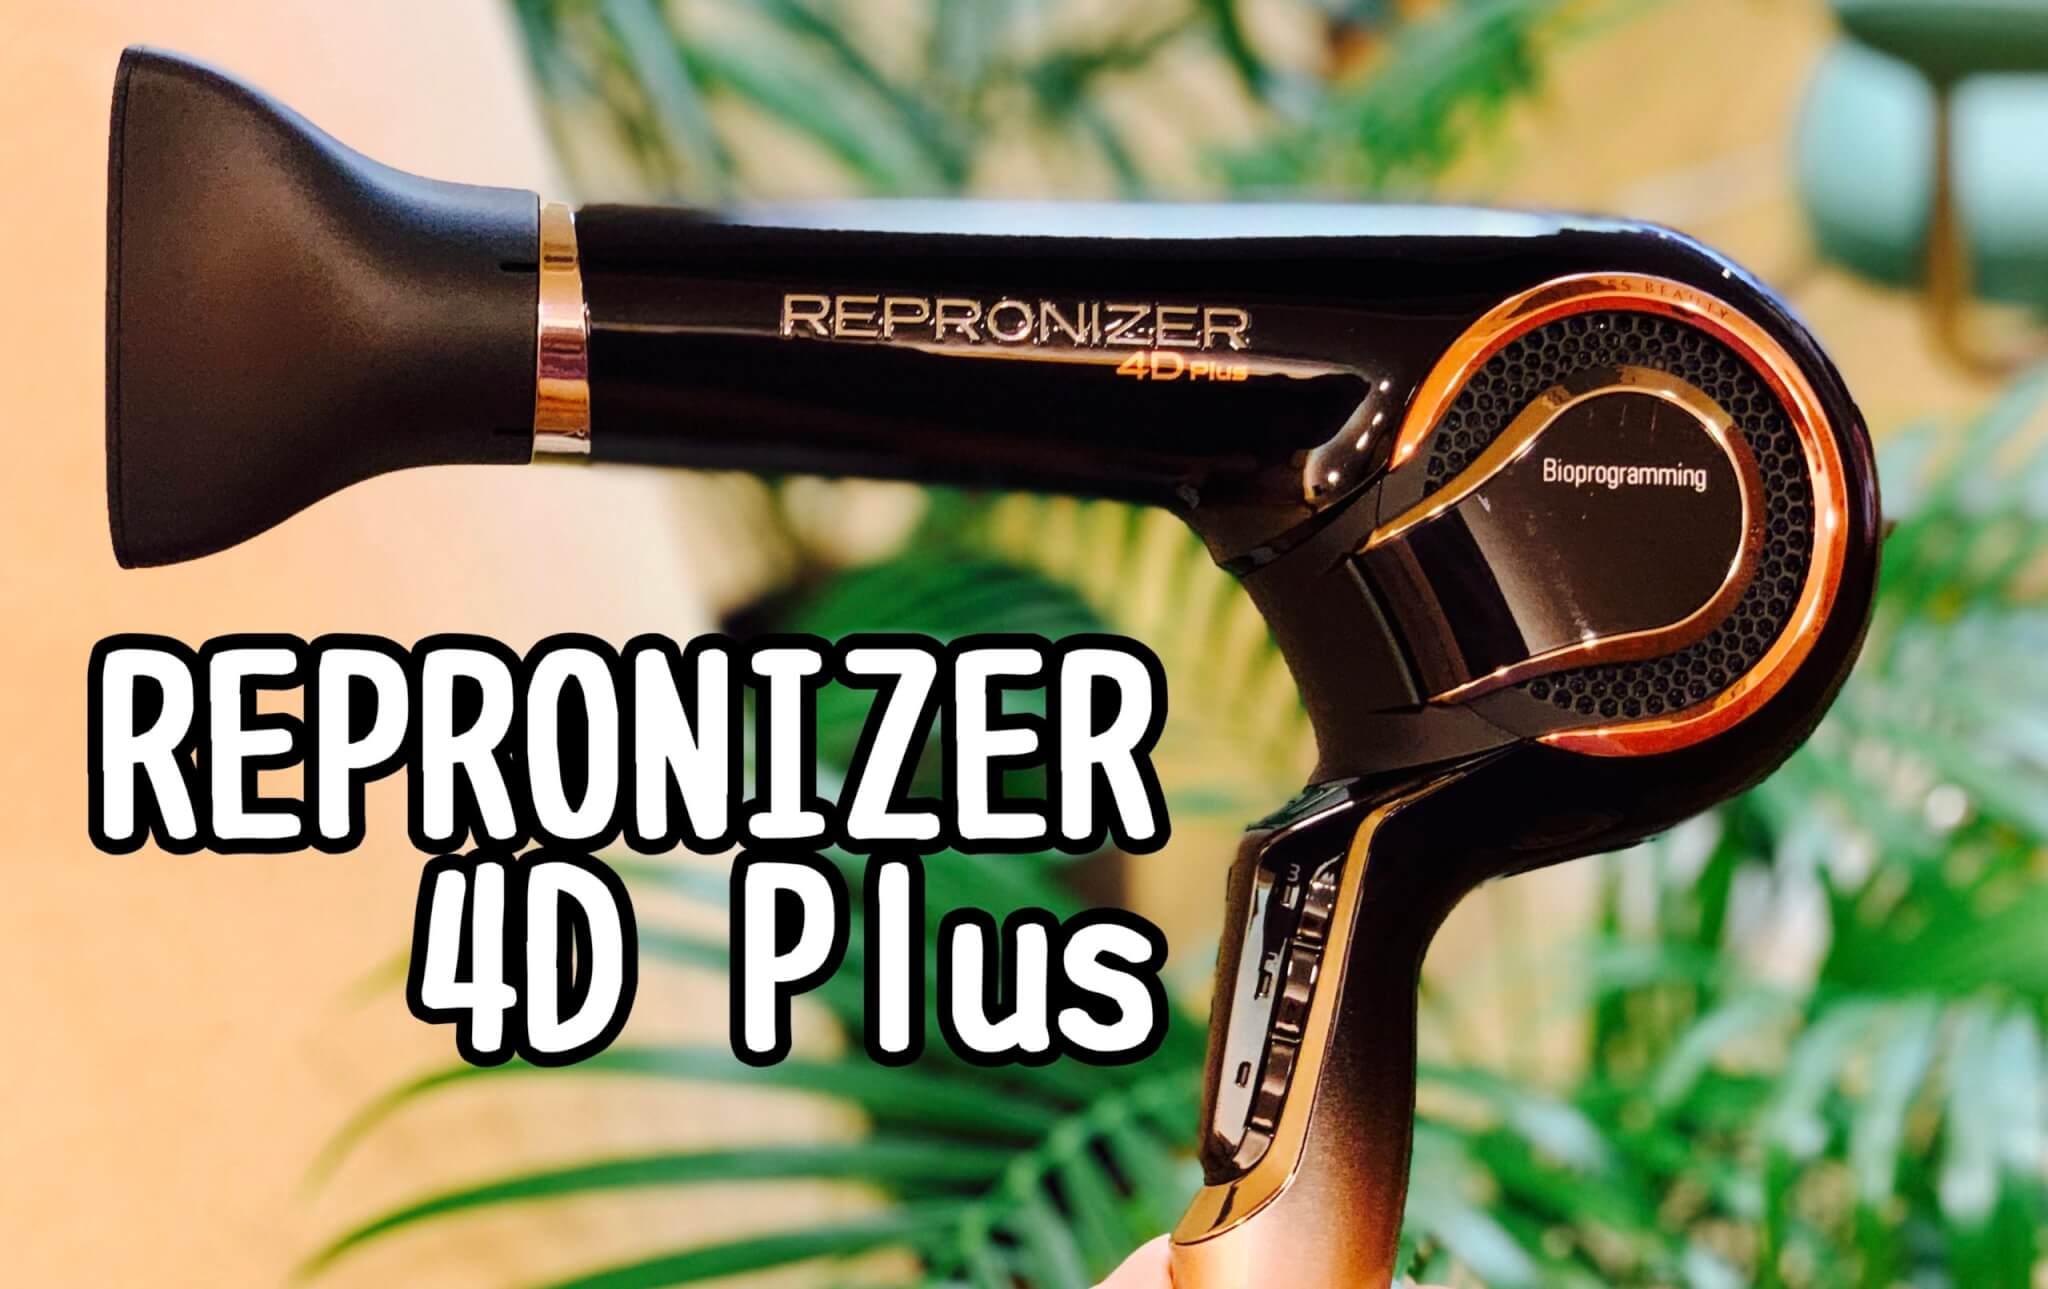 レプロナイザー4D Plus